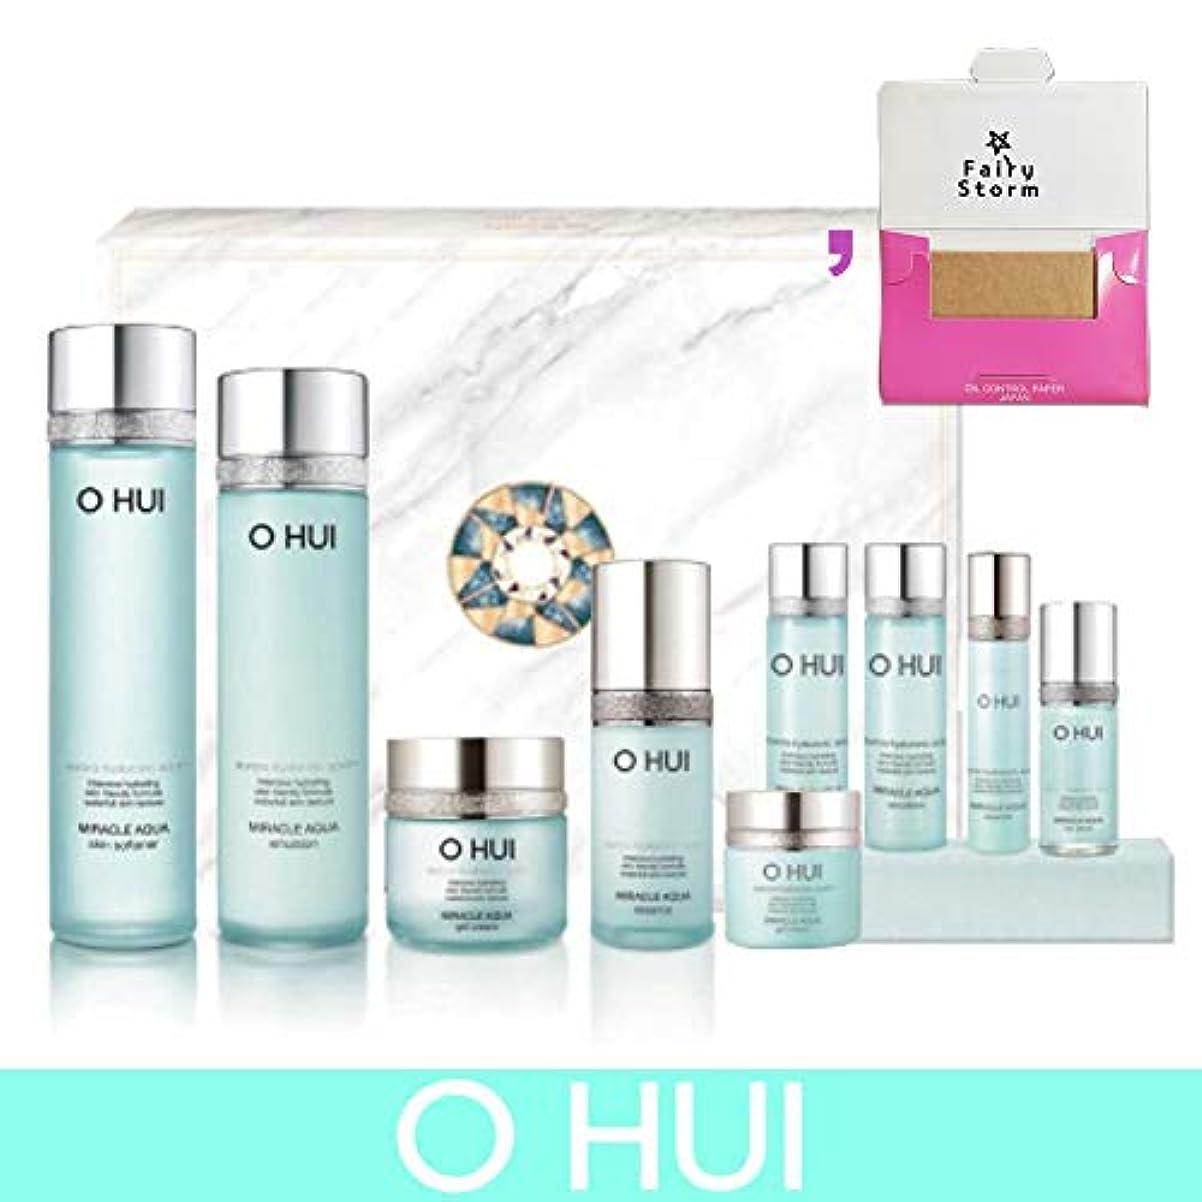 ピストン哲学者色[オフィ/O HUI]韓国化粧品 LG生活健康/O HUI MIRACLE AQUA SPECIAL 4EA SET/ミラクル アクア 4種セット + [Sample Gift](海外直送品)